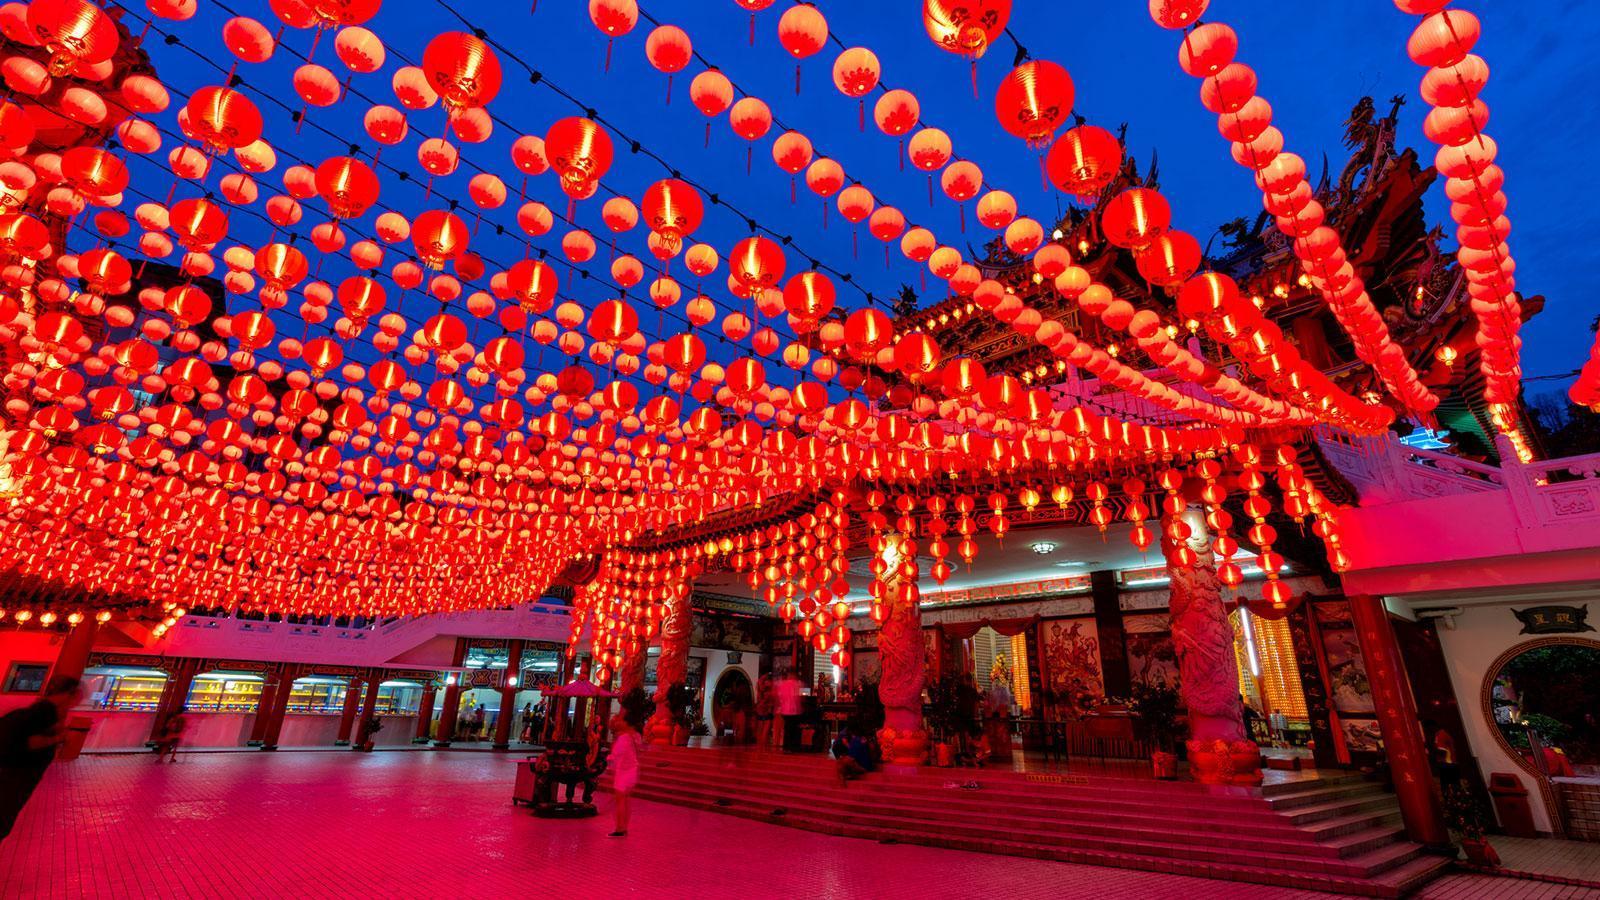 Hình ảnh Tết Trung Quốc đẹp